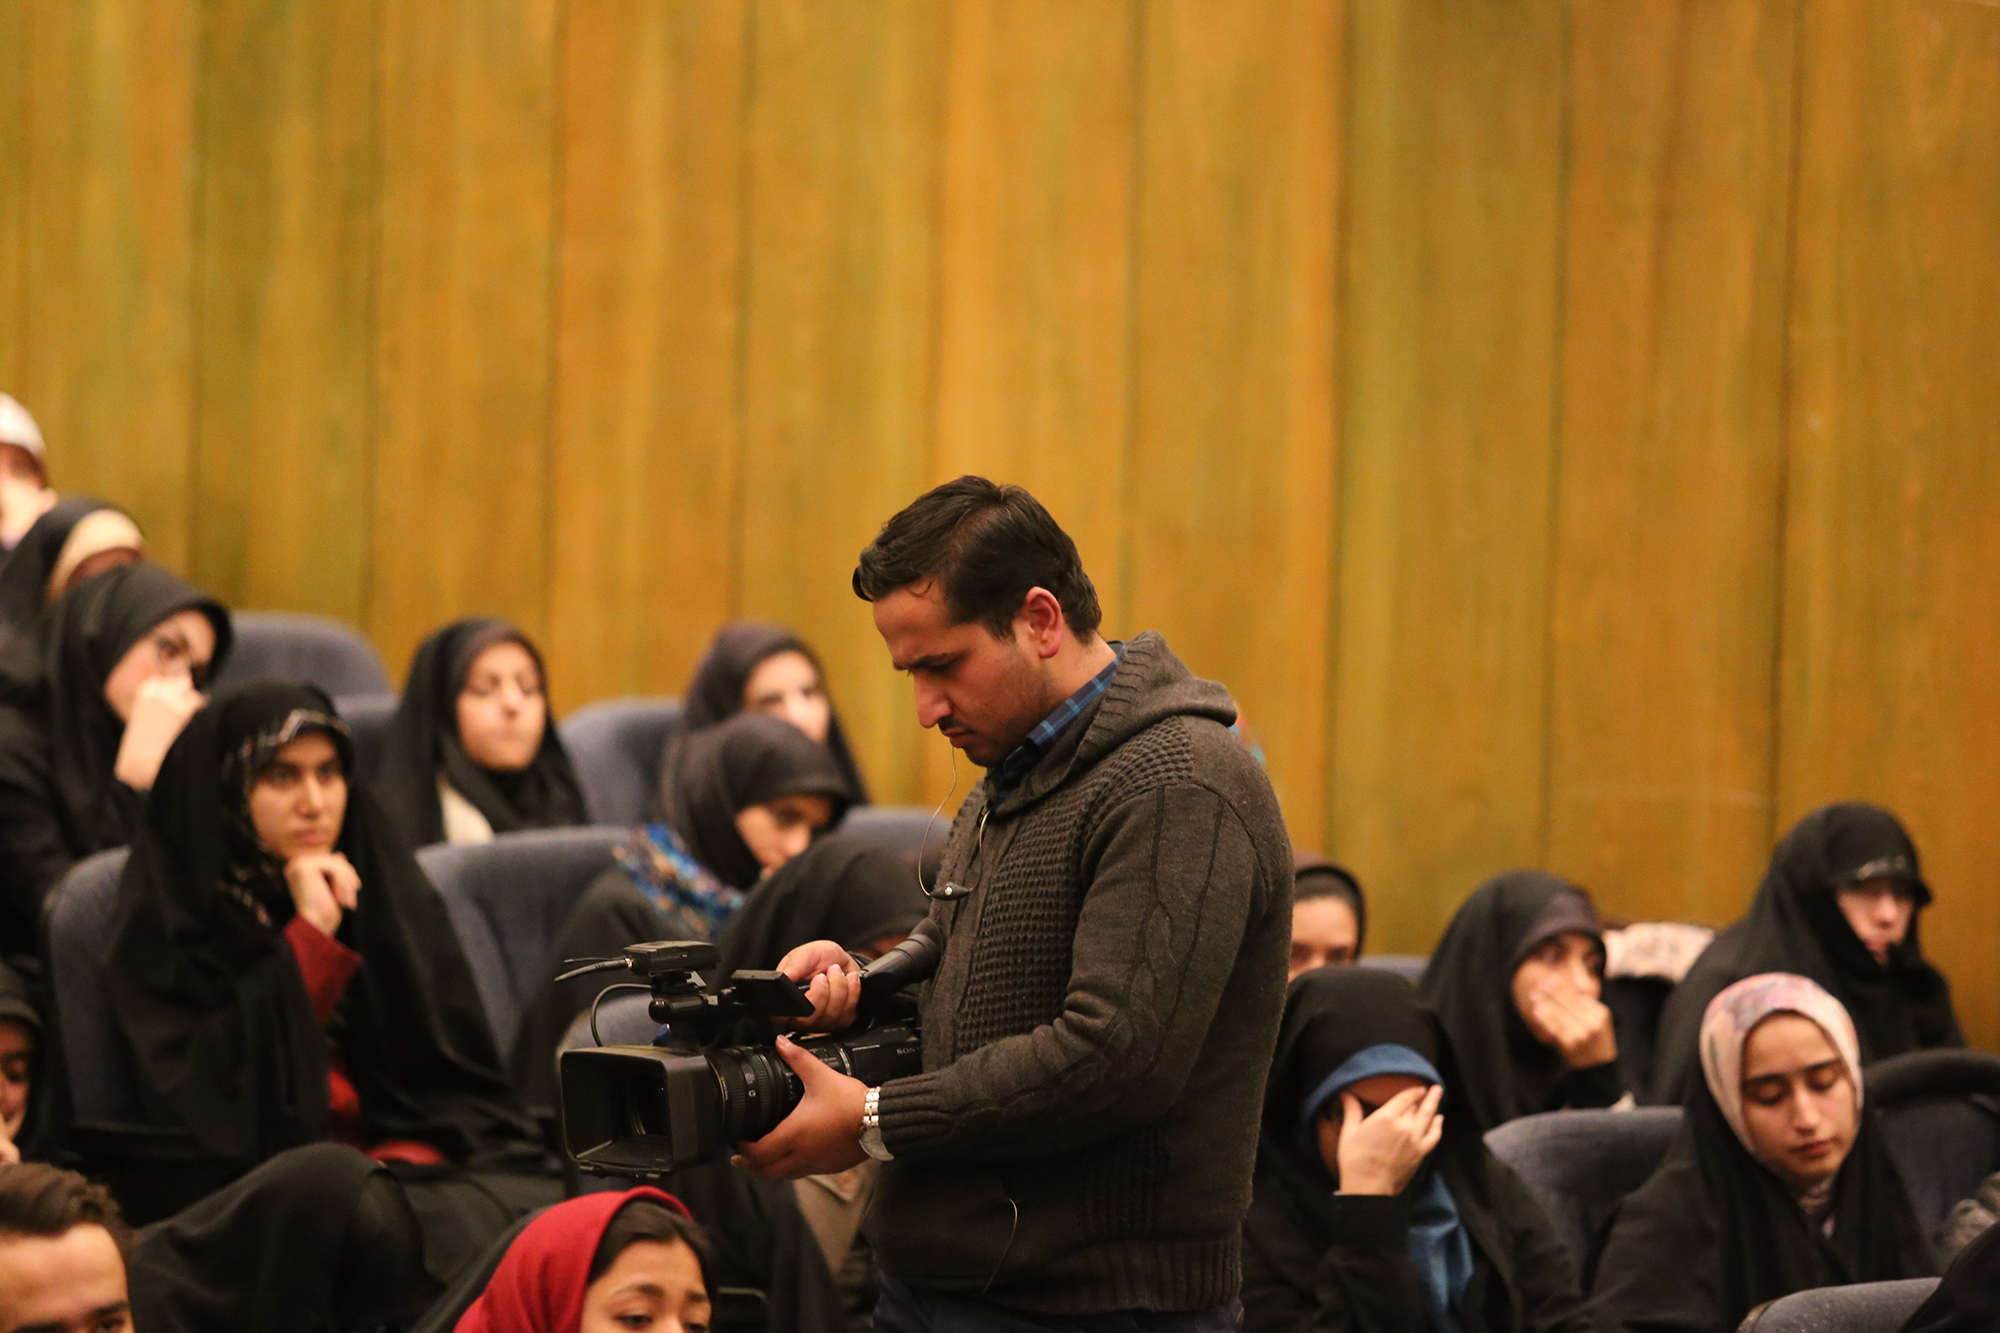 سخنرانی استاد حسن عباسی در دانشگاه تهران ـ گزارشی به دکتر شریعتی در سوریه …آری اینچنین شد برادر